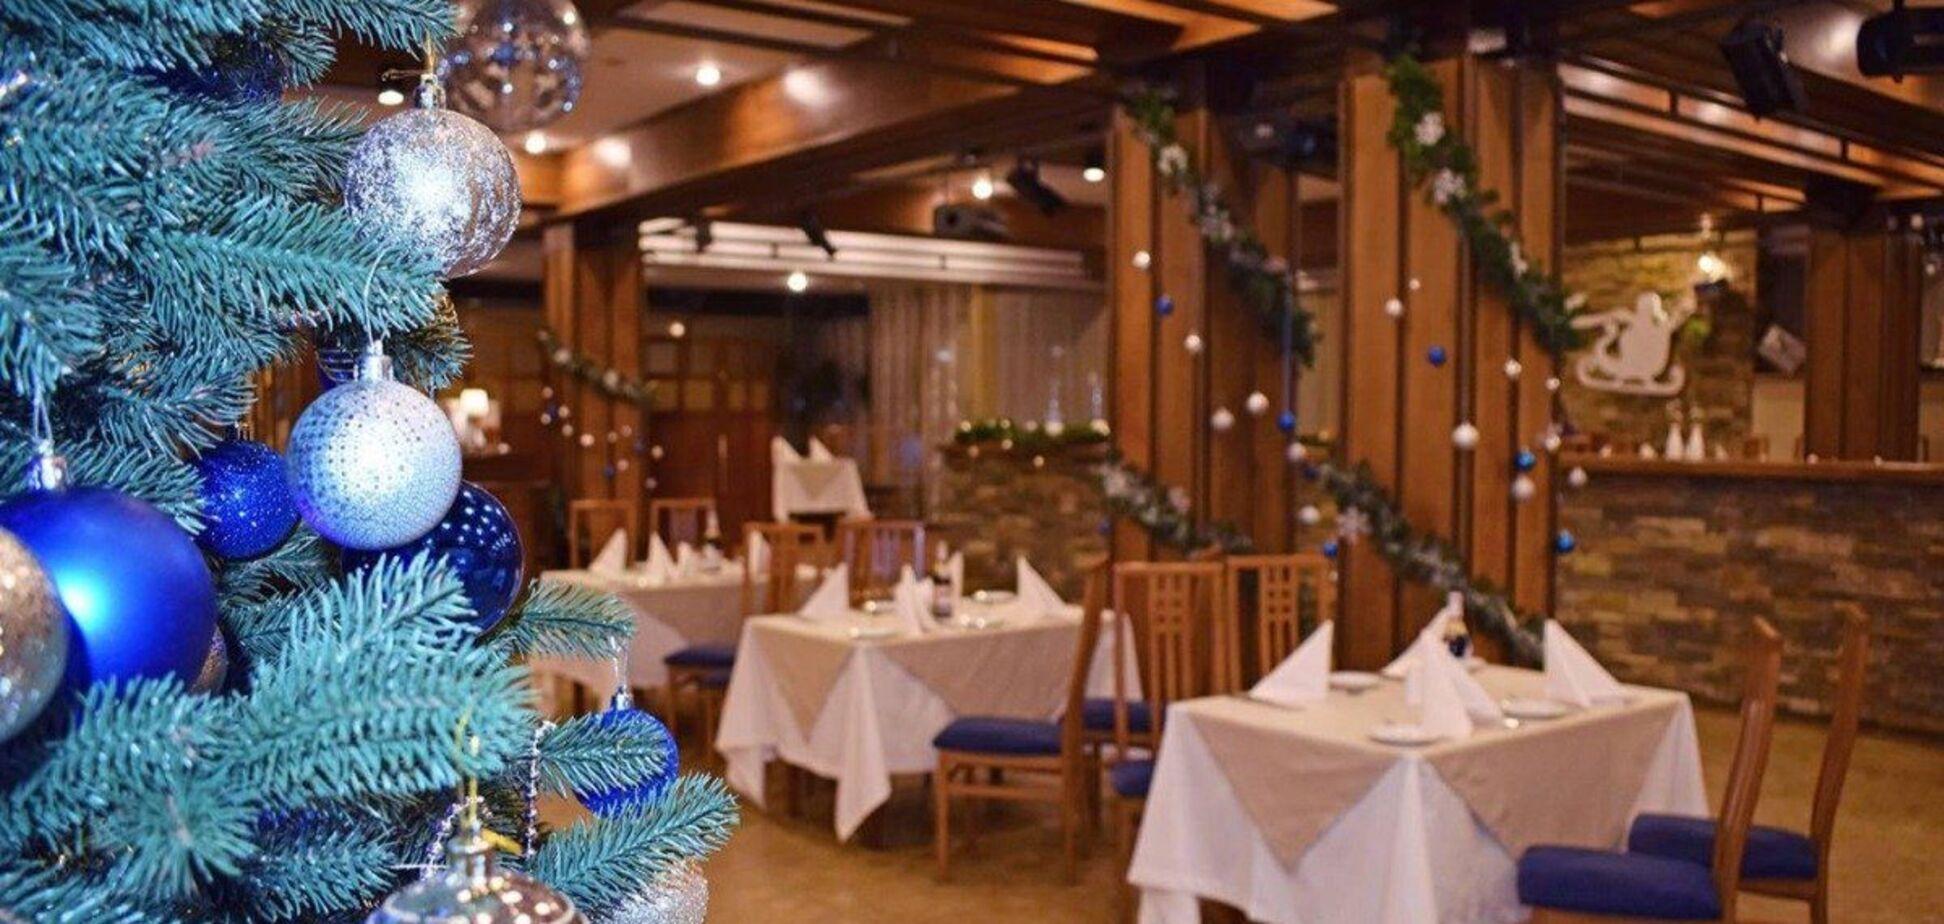 Ресторанам и кафе продлили работу в новогоднюю ночь